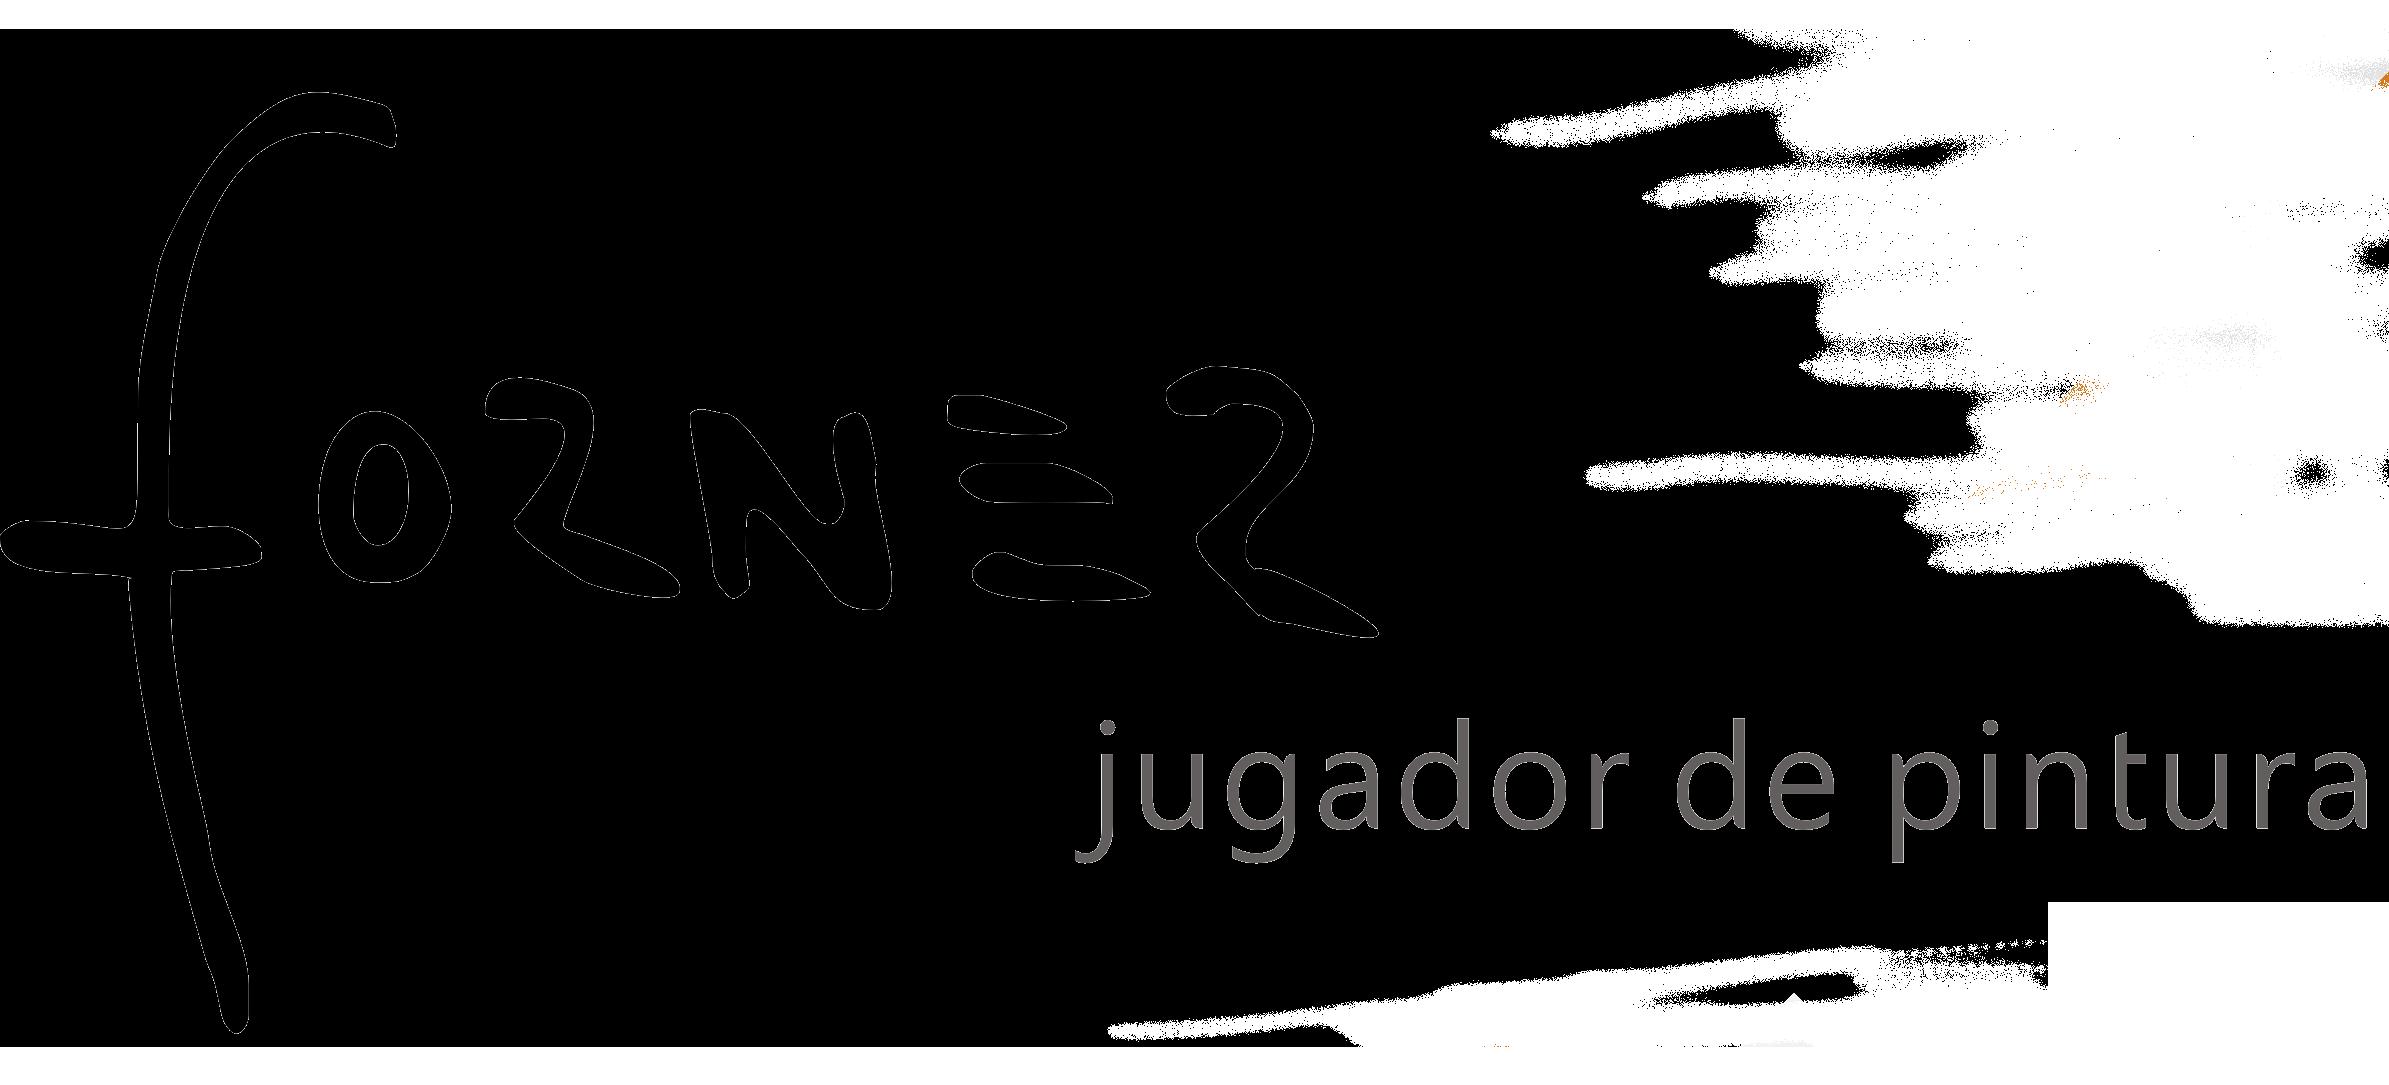 FORNER jugador de pintura Retina Logo